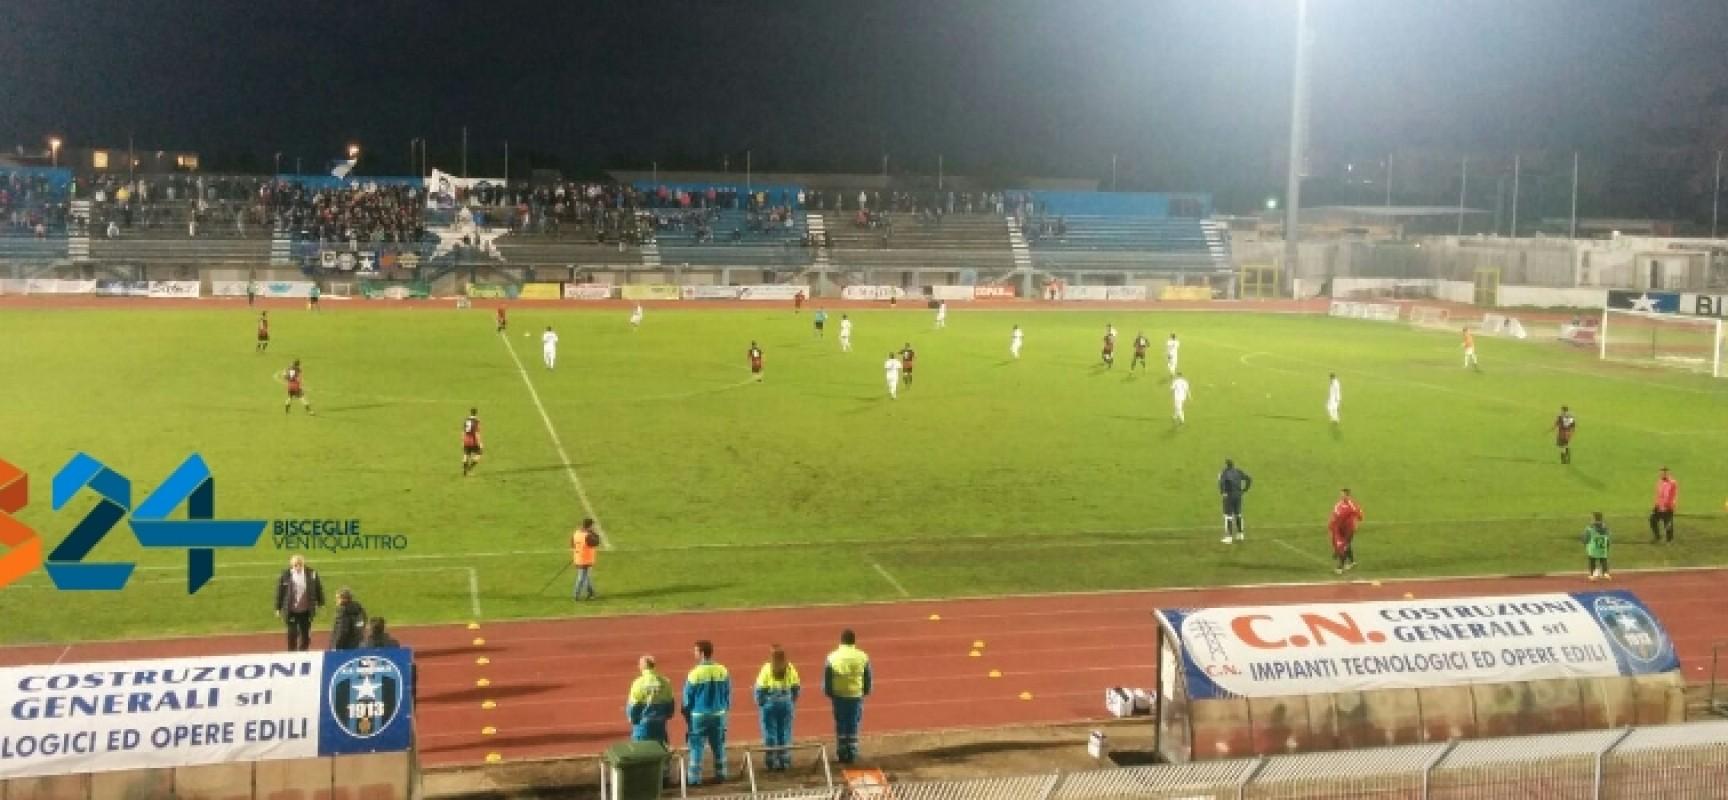 Bisceglie Calcio agli ottavi di Coppa Italia, battuta ai rigori la Nocerina